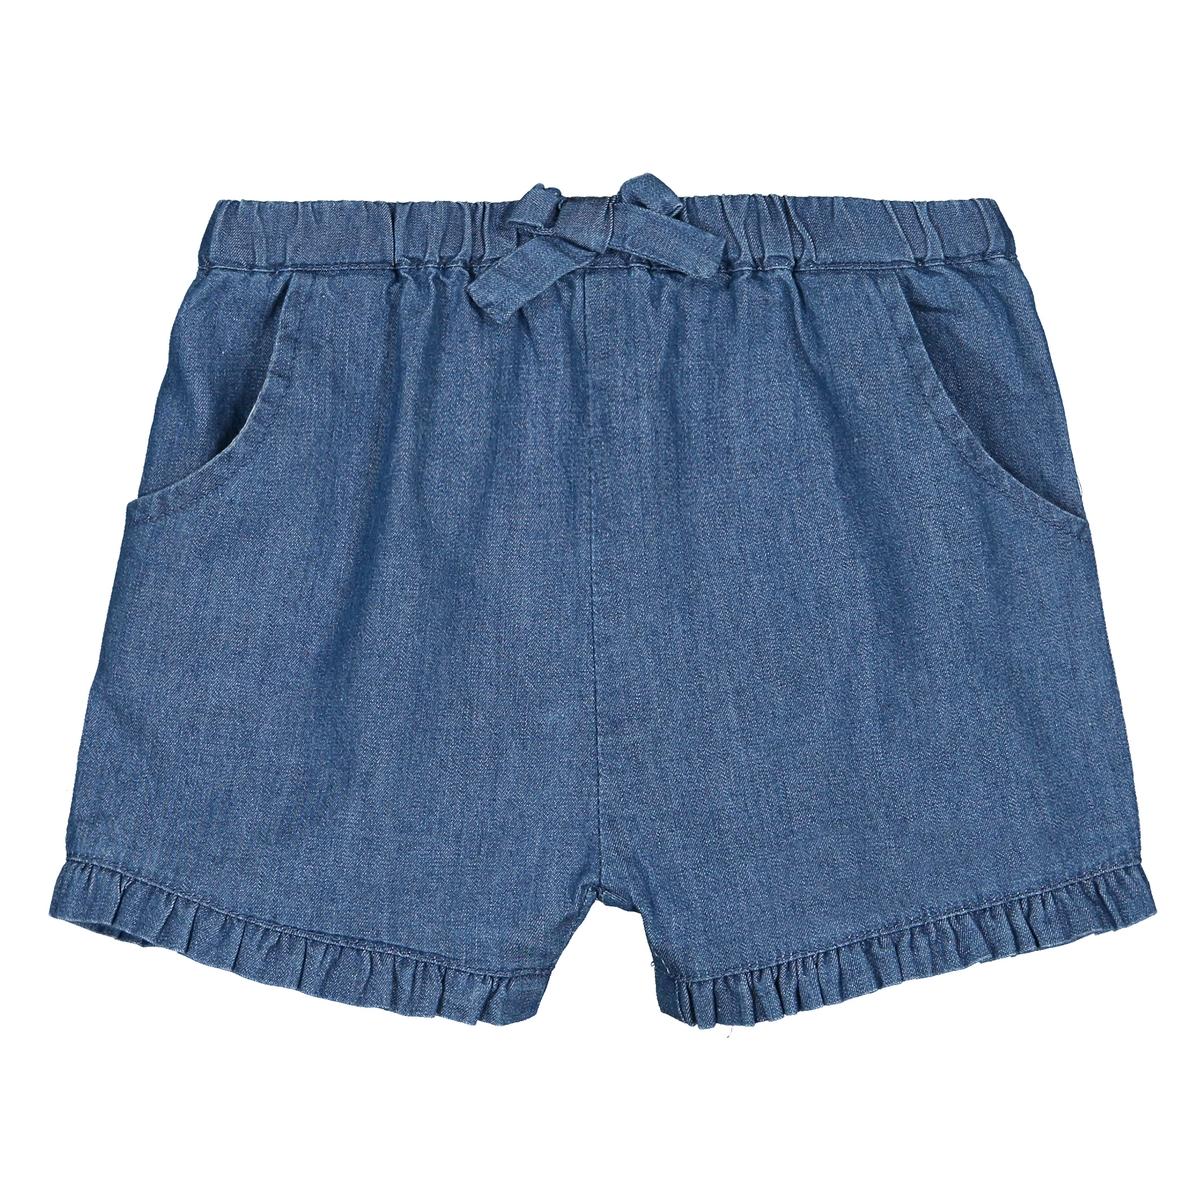 Шорты-шаровары La Redoute С воланом из джинсовой ткани 1 мес - 3 года 94 см синий